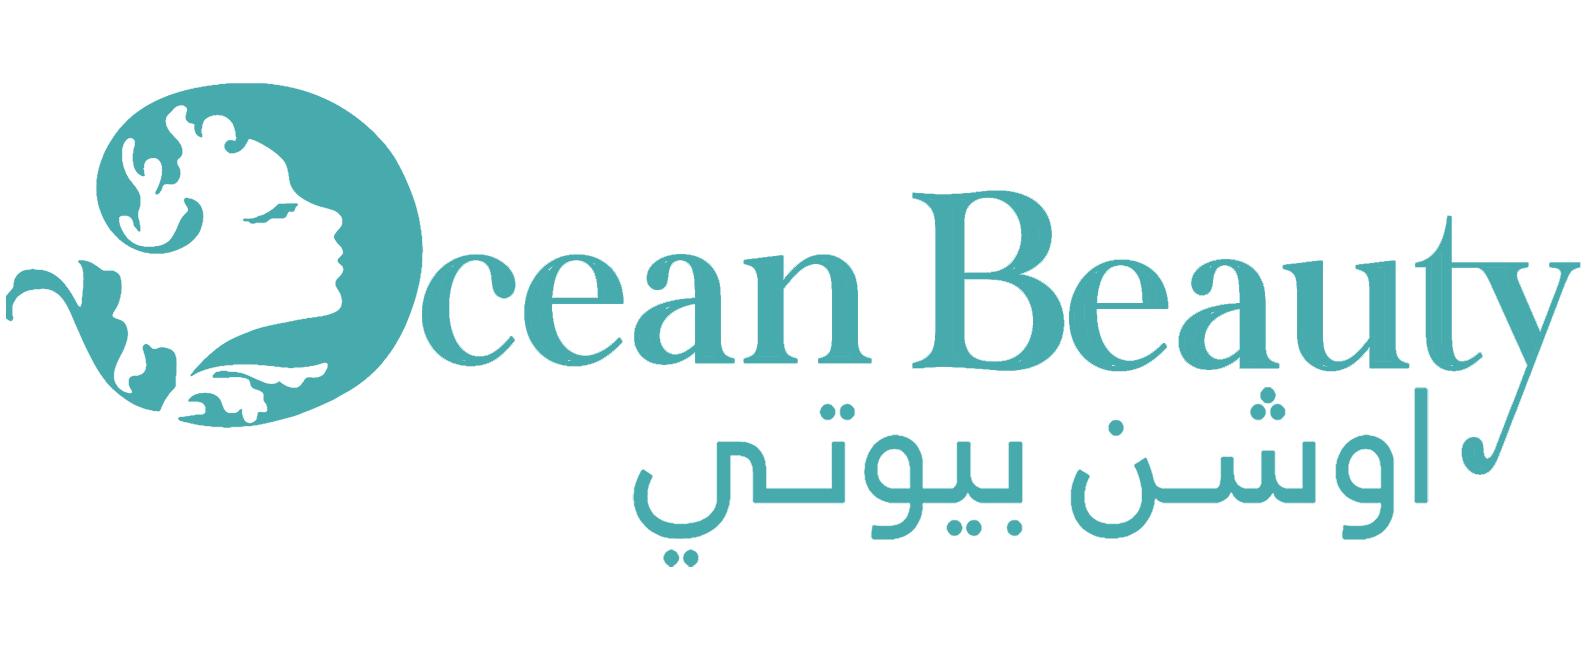 اوشن بيوتي Ocean Beauty